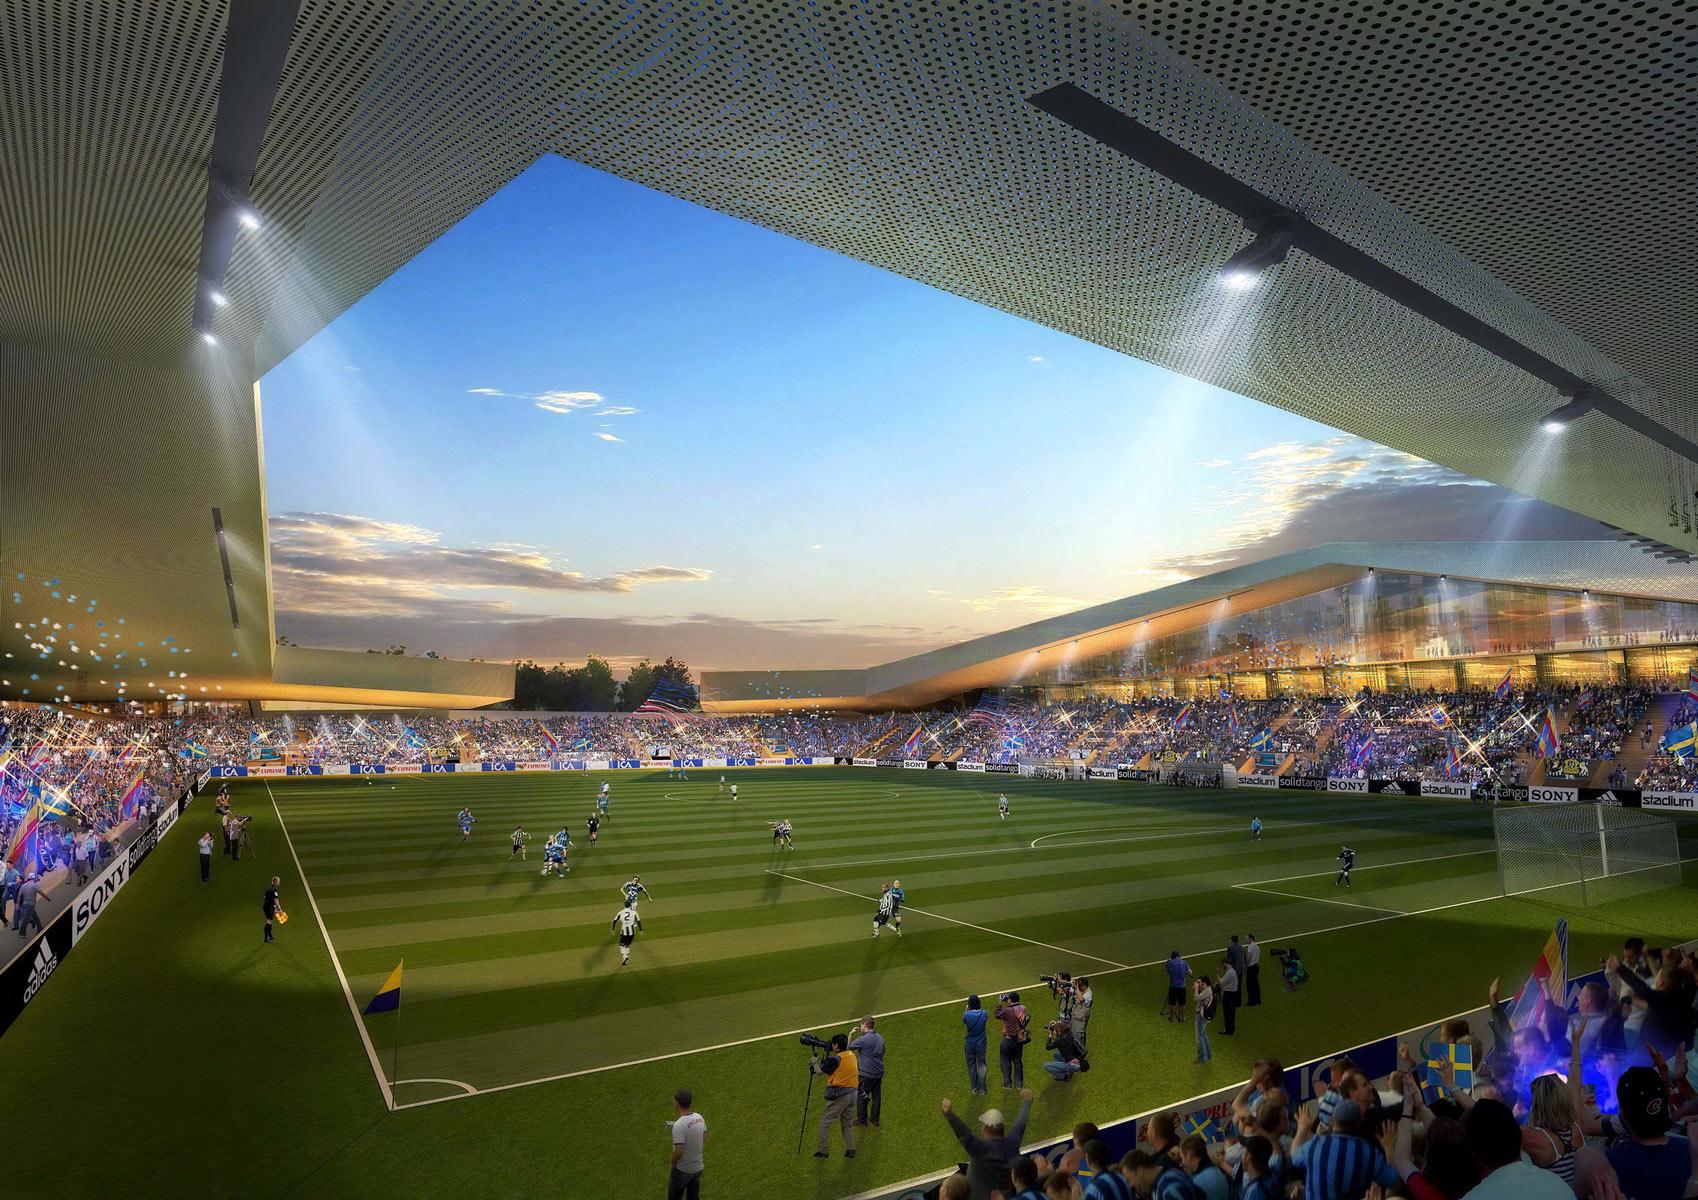 Stadium stadium rendering